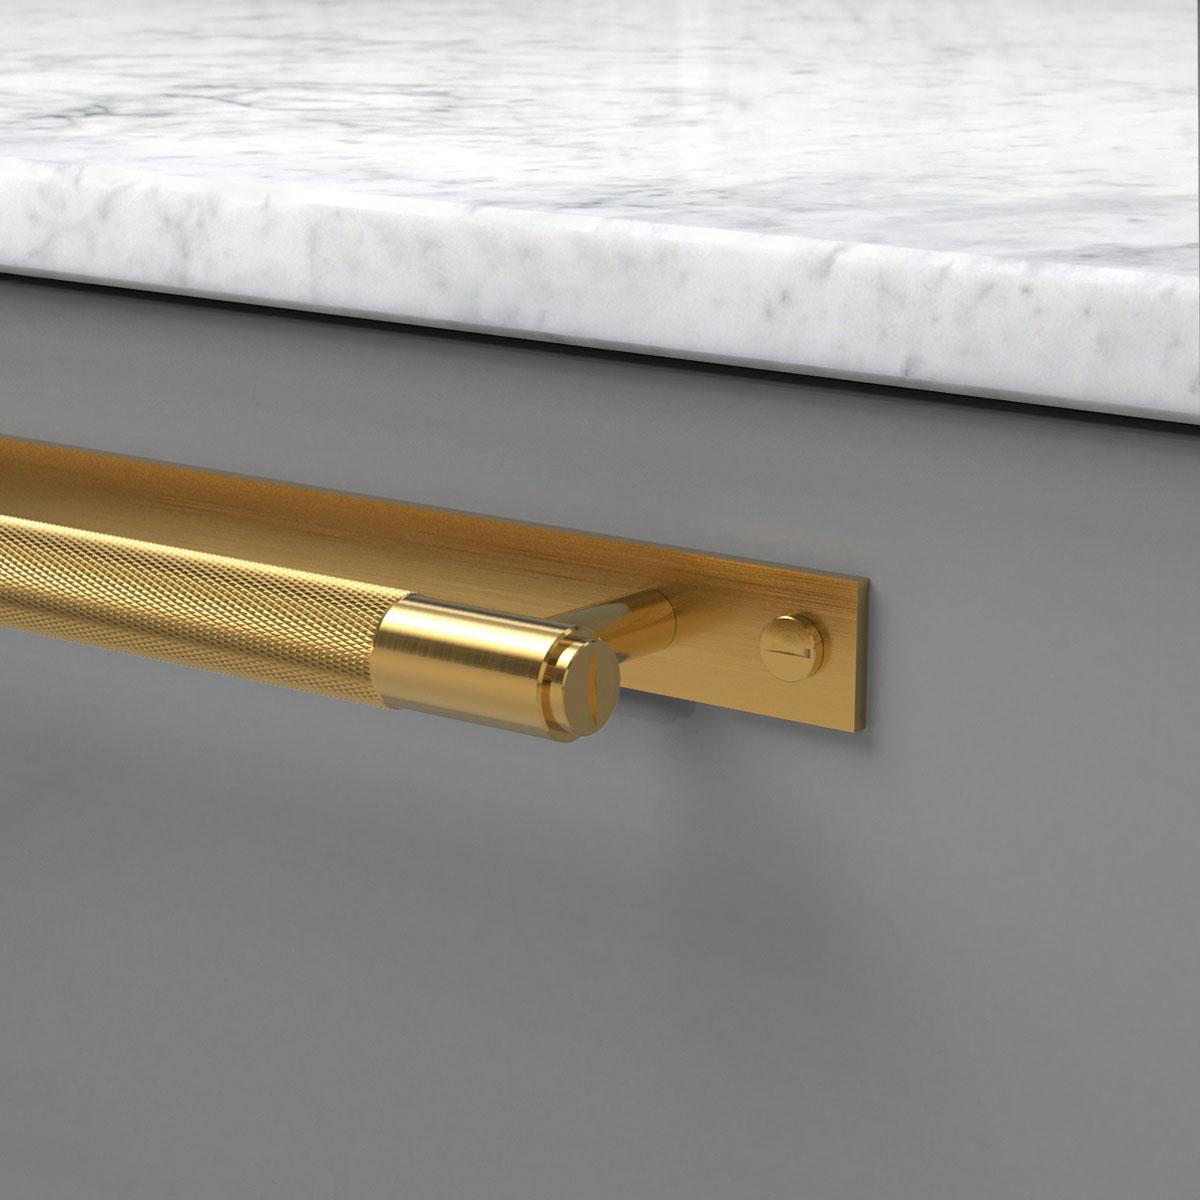 pull bar massing uk pb h 260 br a cc 225 mm ncs s 4500 n marmor carrara detalj 1